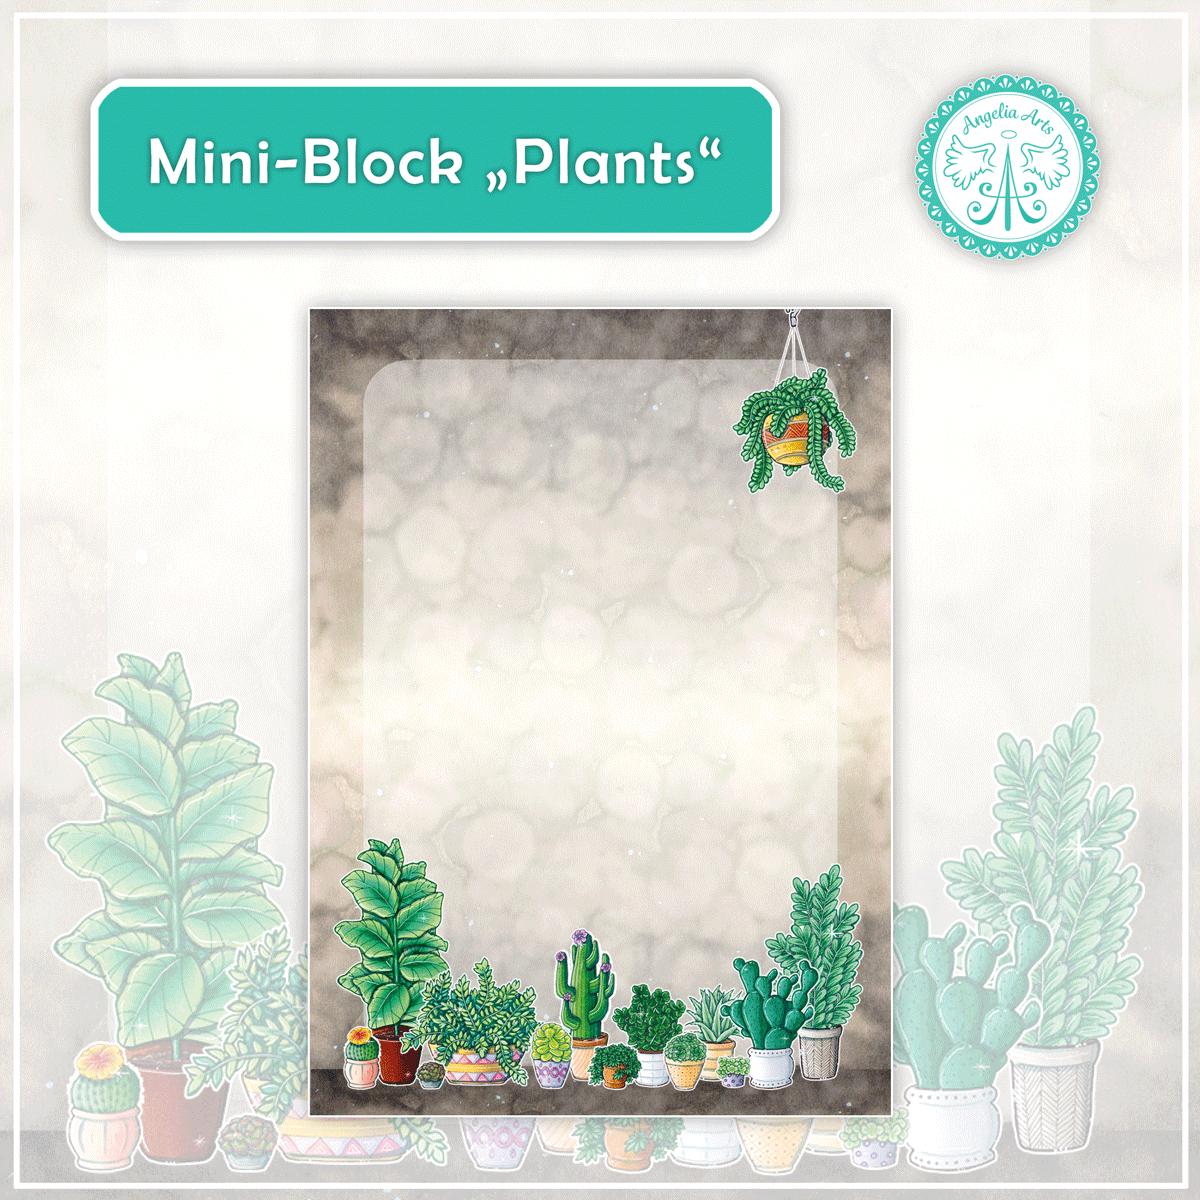 miniBlock-Plants